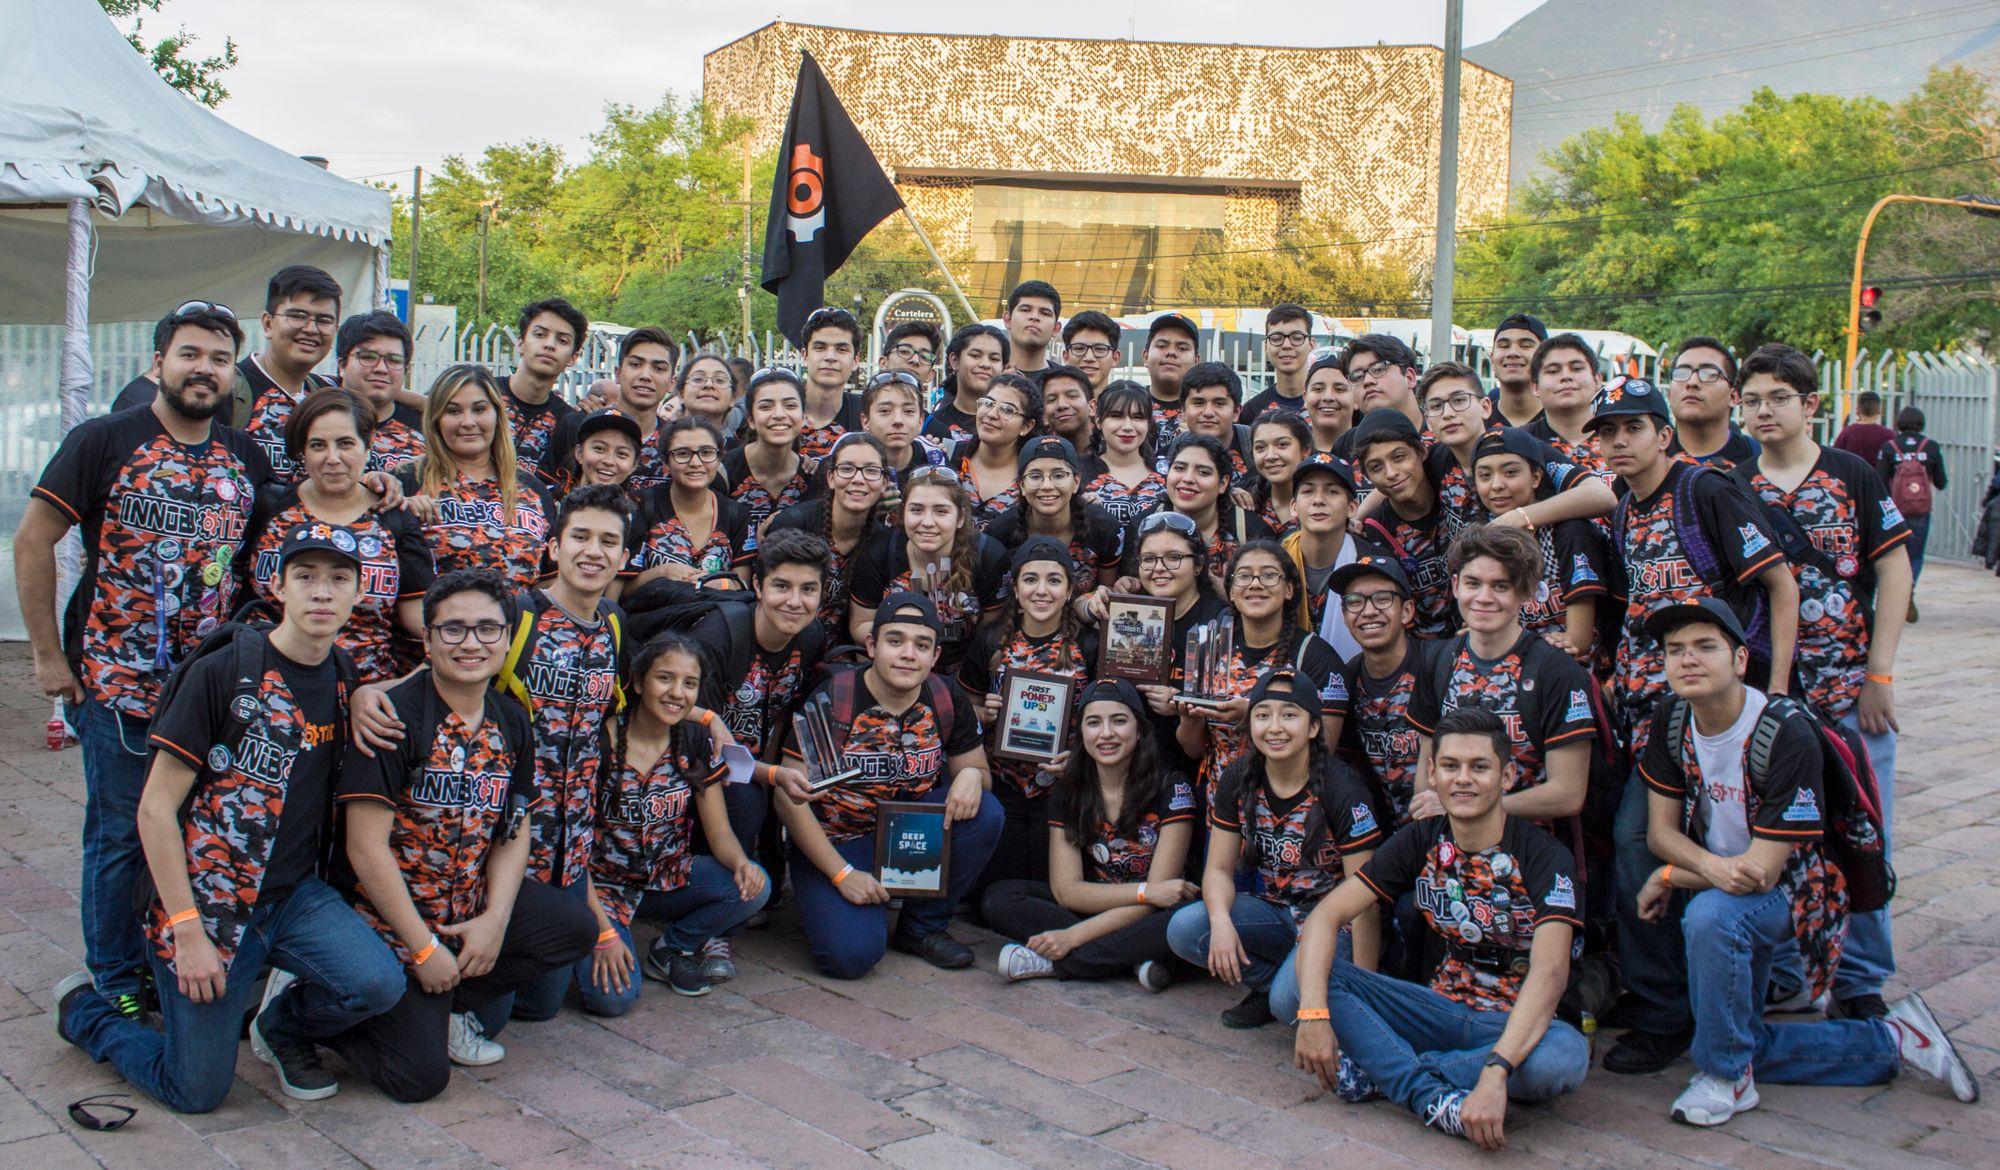 INNOBOTICS 6694 Gana el Premio a la calidad y obtiene el 3er Lugar de alianzas en la competencia FIRST ROBOTICS COMPETITION